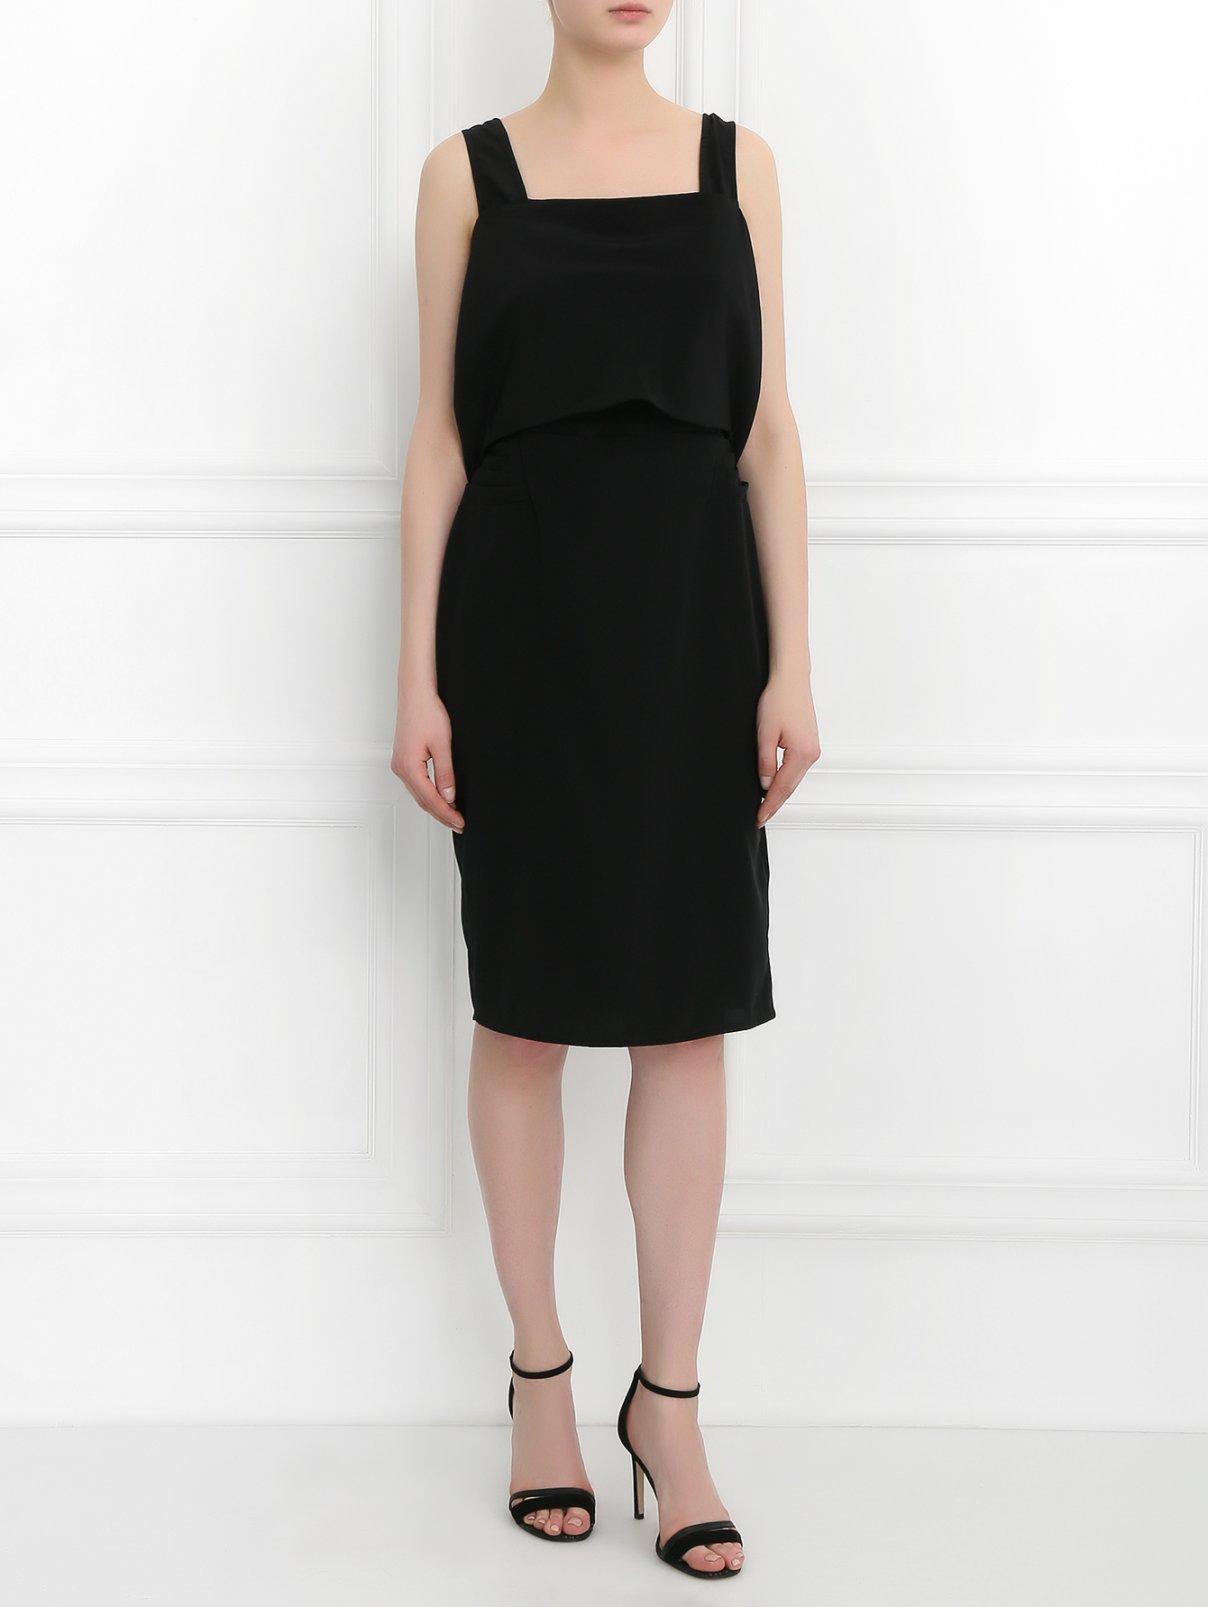 Платье-мини с драпировкой Maurizio Pecoraro  –  Модель Общий вид